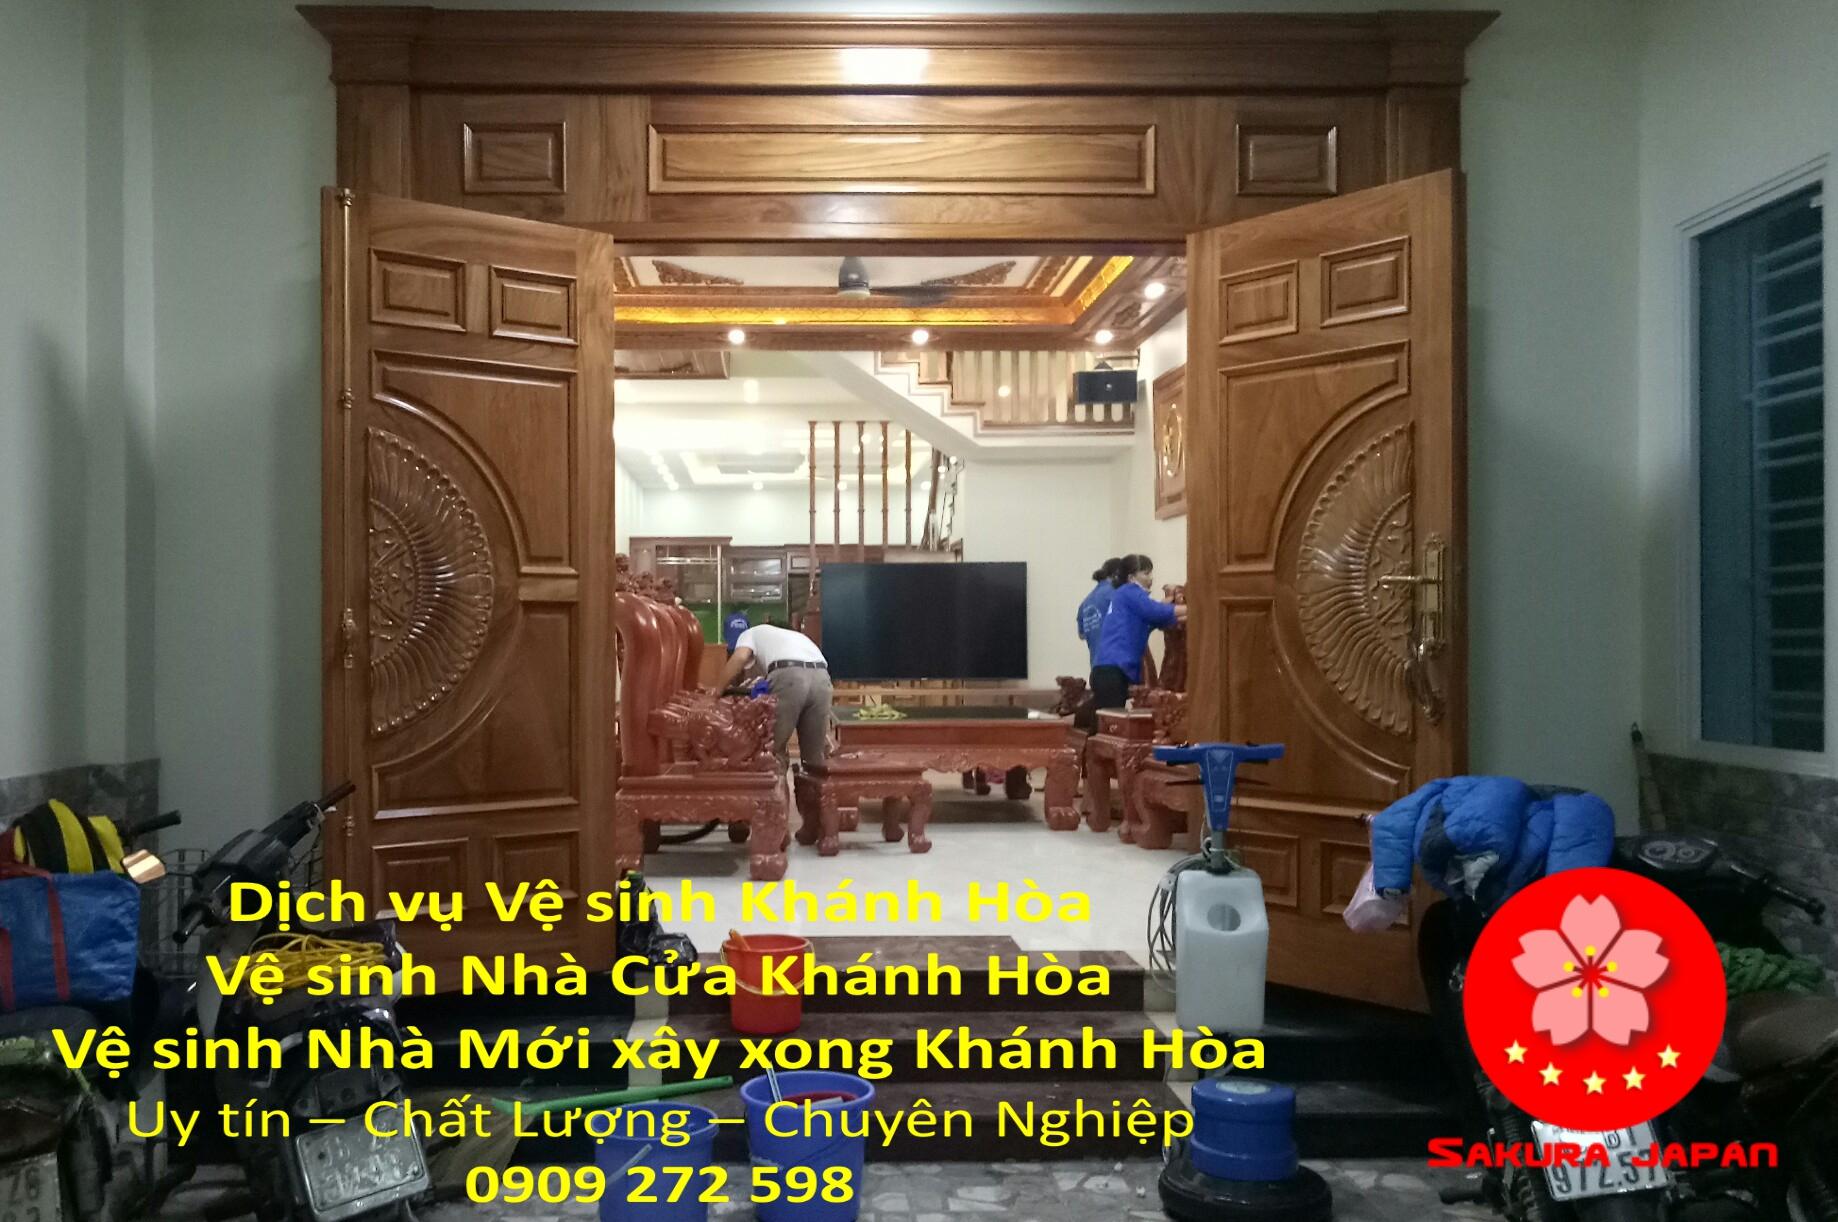 Tổng vệ sinh Nhà cửa Khánh Hòa